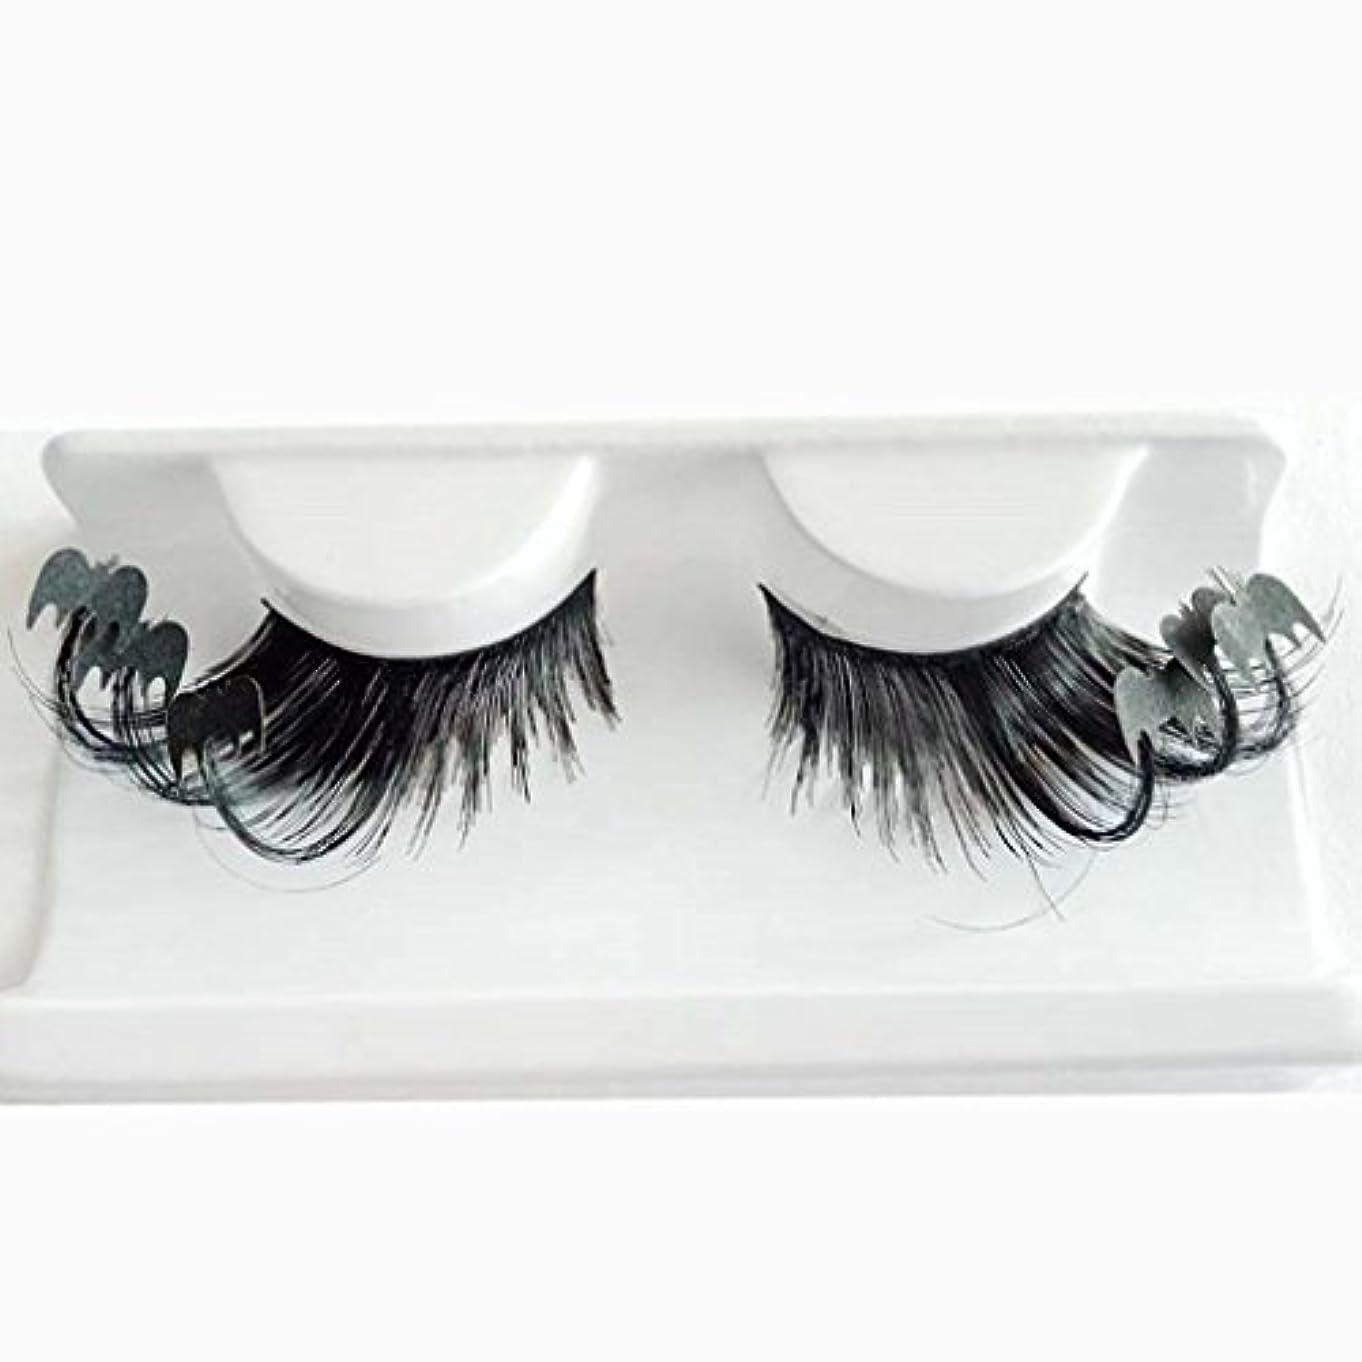 悲惨交換可能一般的に言えばFeteso 1組 つけまつげ 上まつげ Eyelashes アイラッシュ ビューティー まつげエクステ レディース 化粧ツール アイメイクアップ 人気 ナチュラル 飾り 濃密 柔らかい プレゼント